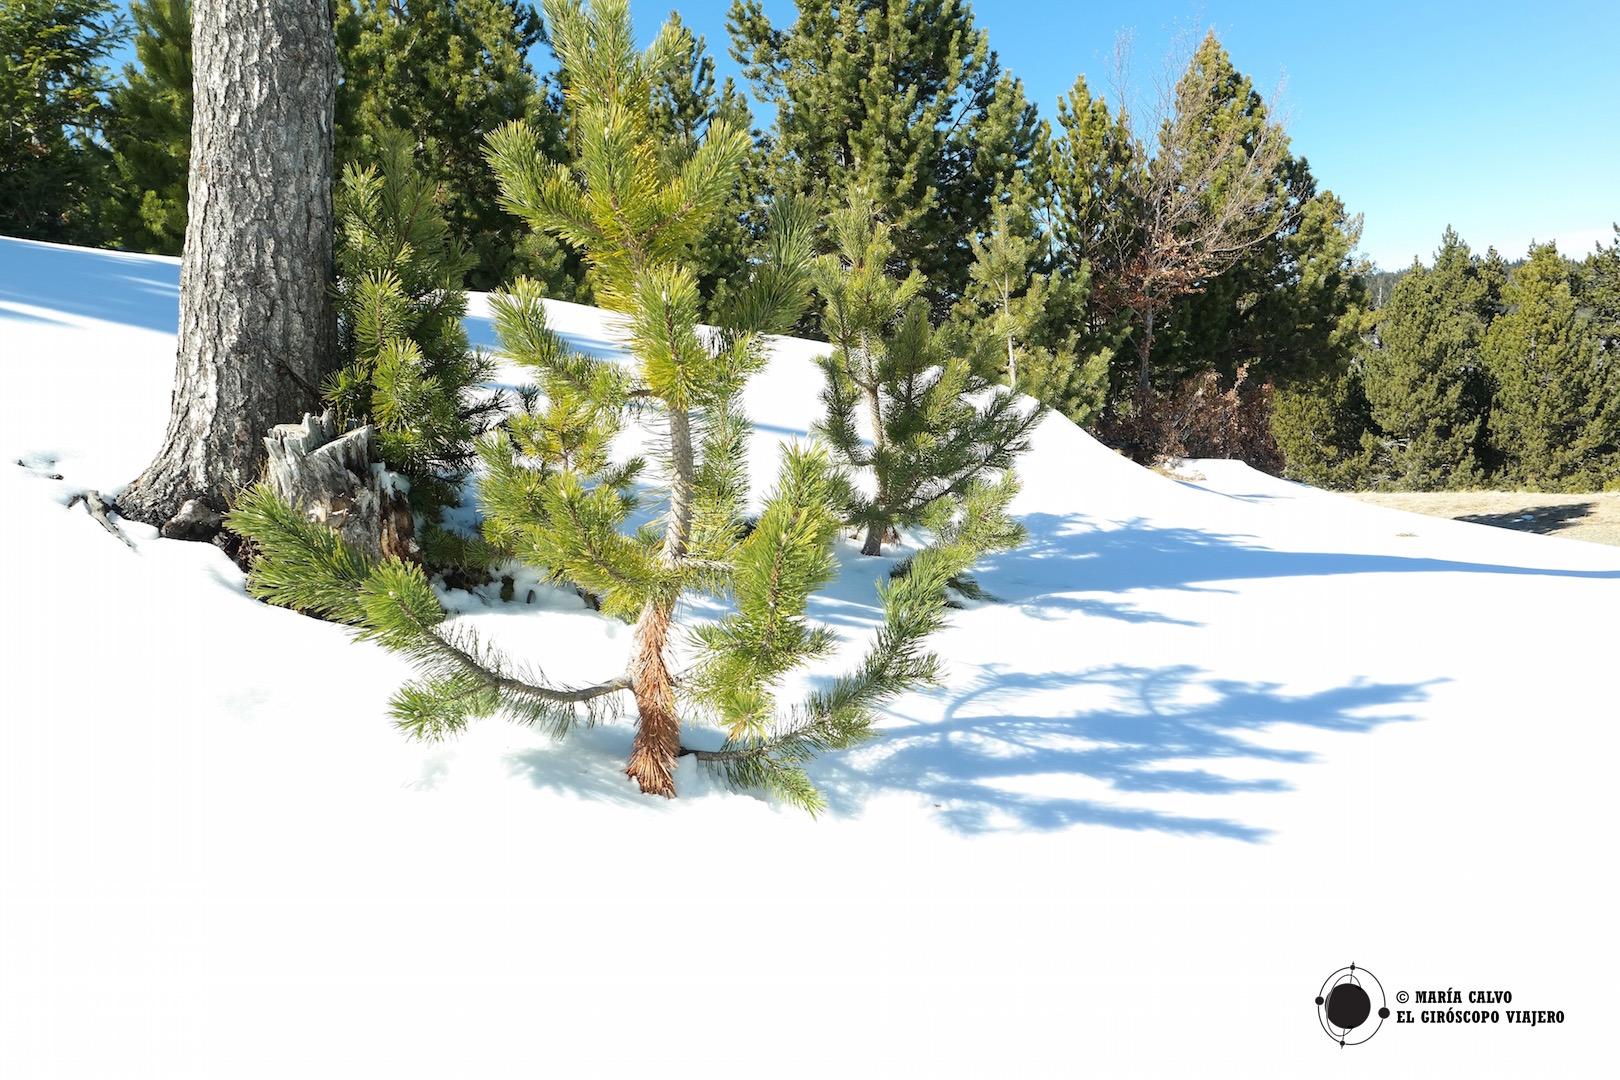 Enterradito en la nieve